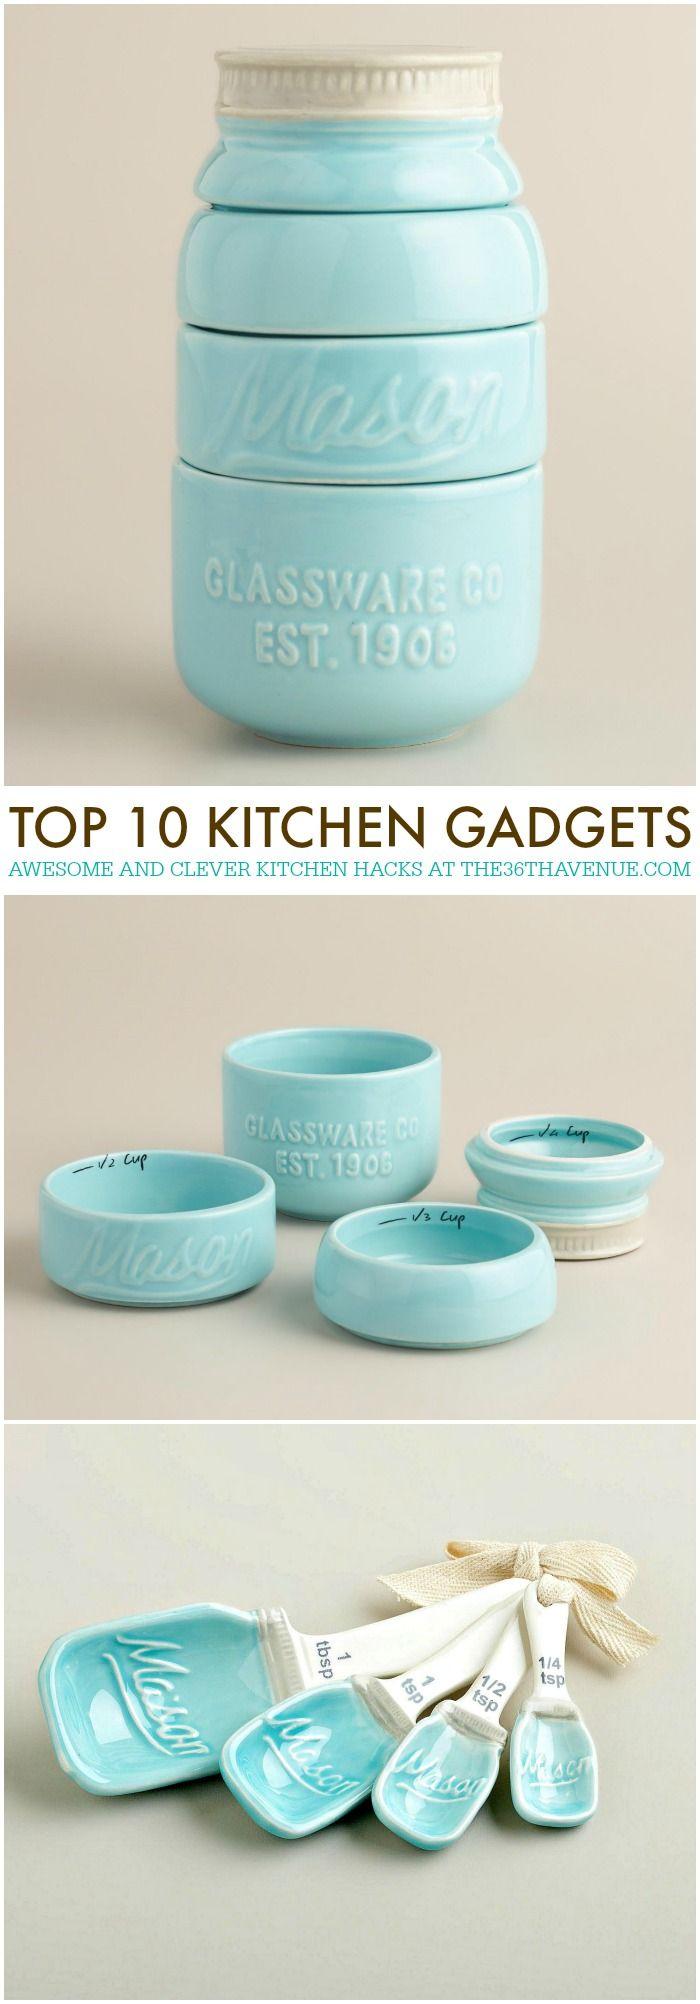 Top 10 kitchen gadgets utensilios accesorios para el for Gadgets para cocina